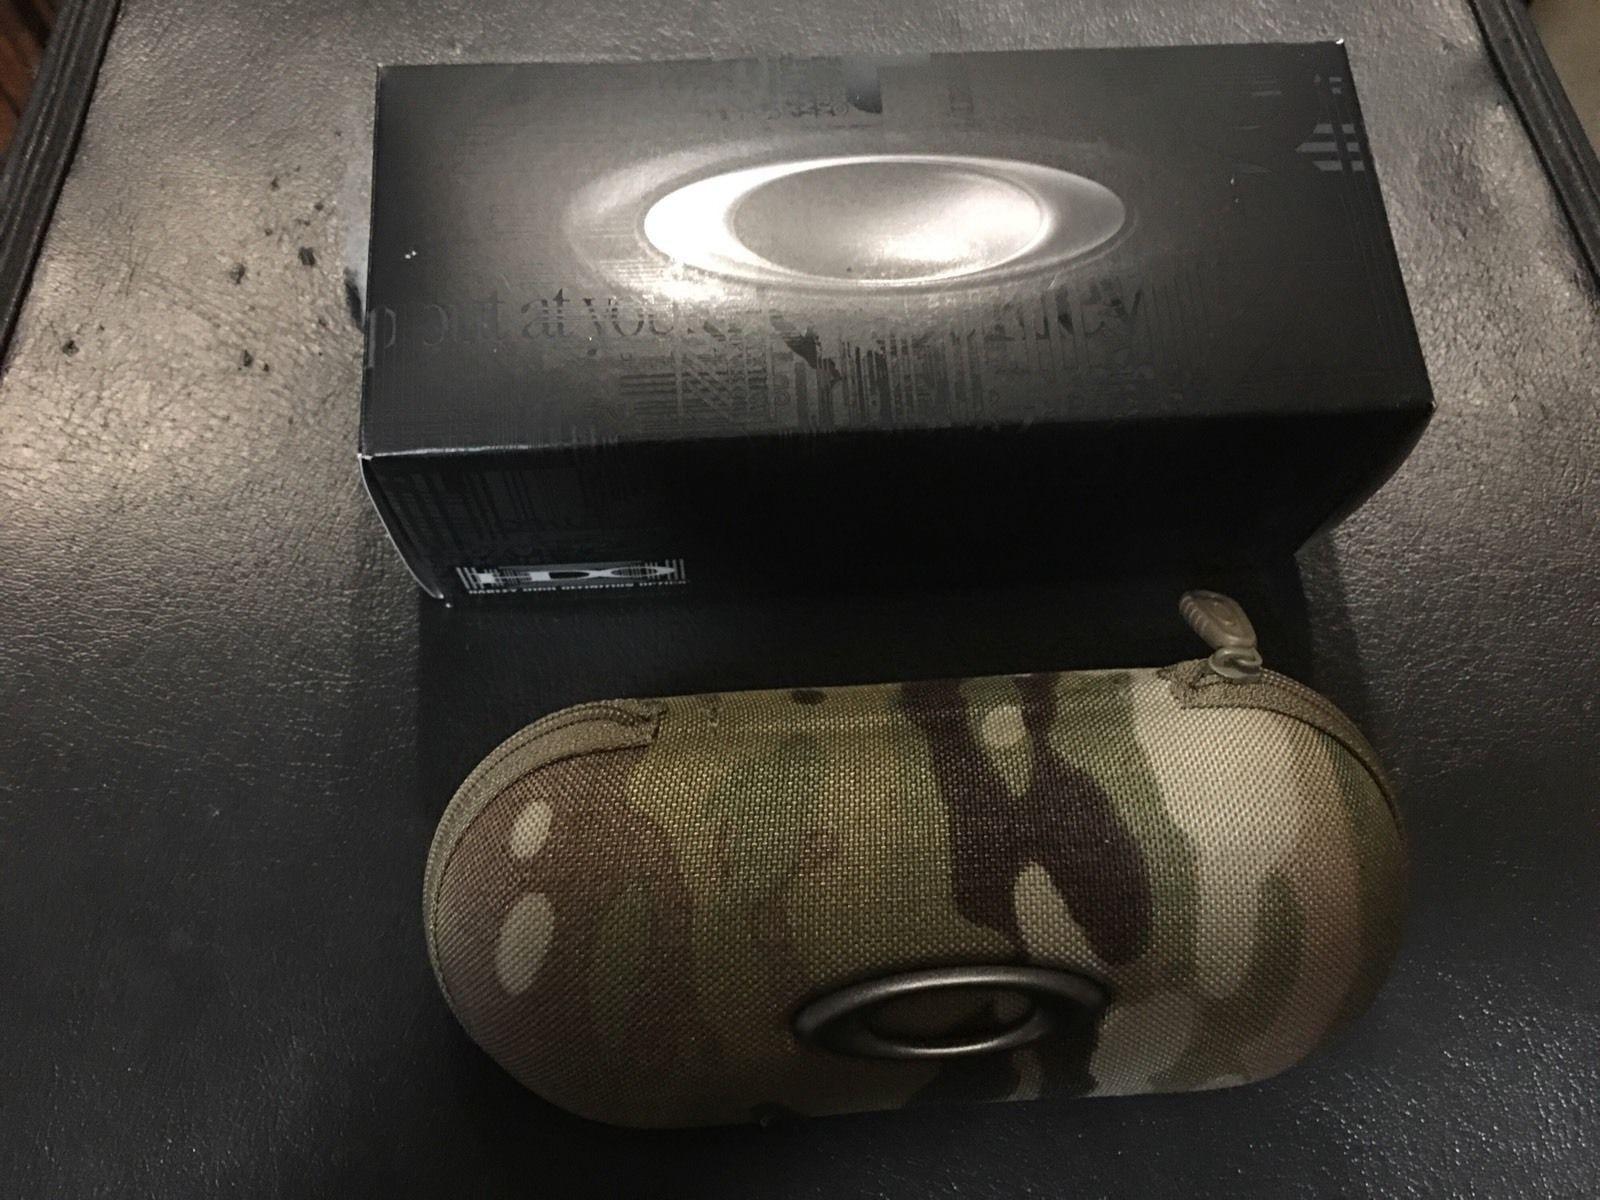 BNIB Oakley Soft Vault Multicam Cases Camo SI - s-l1600.jpg